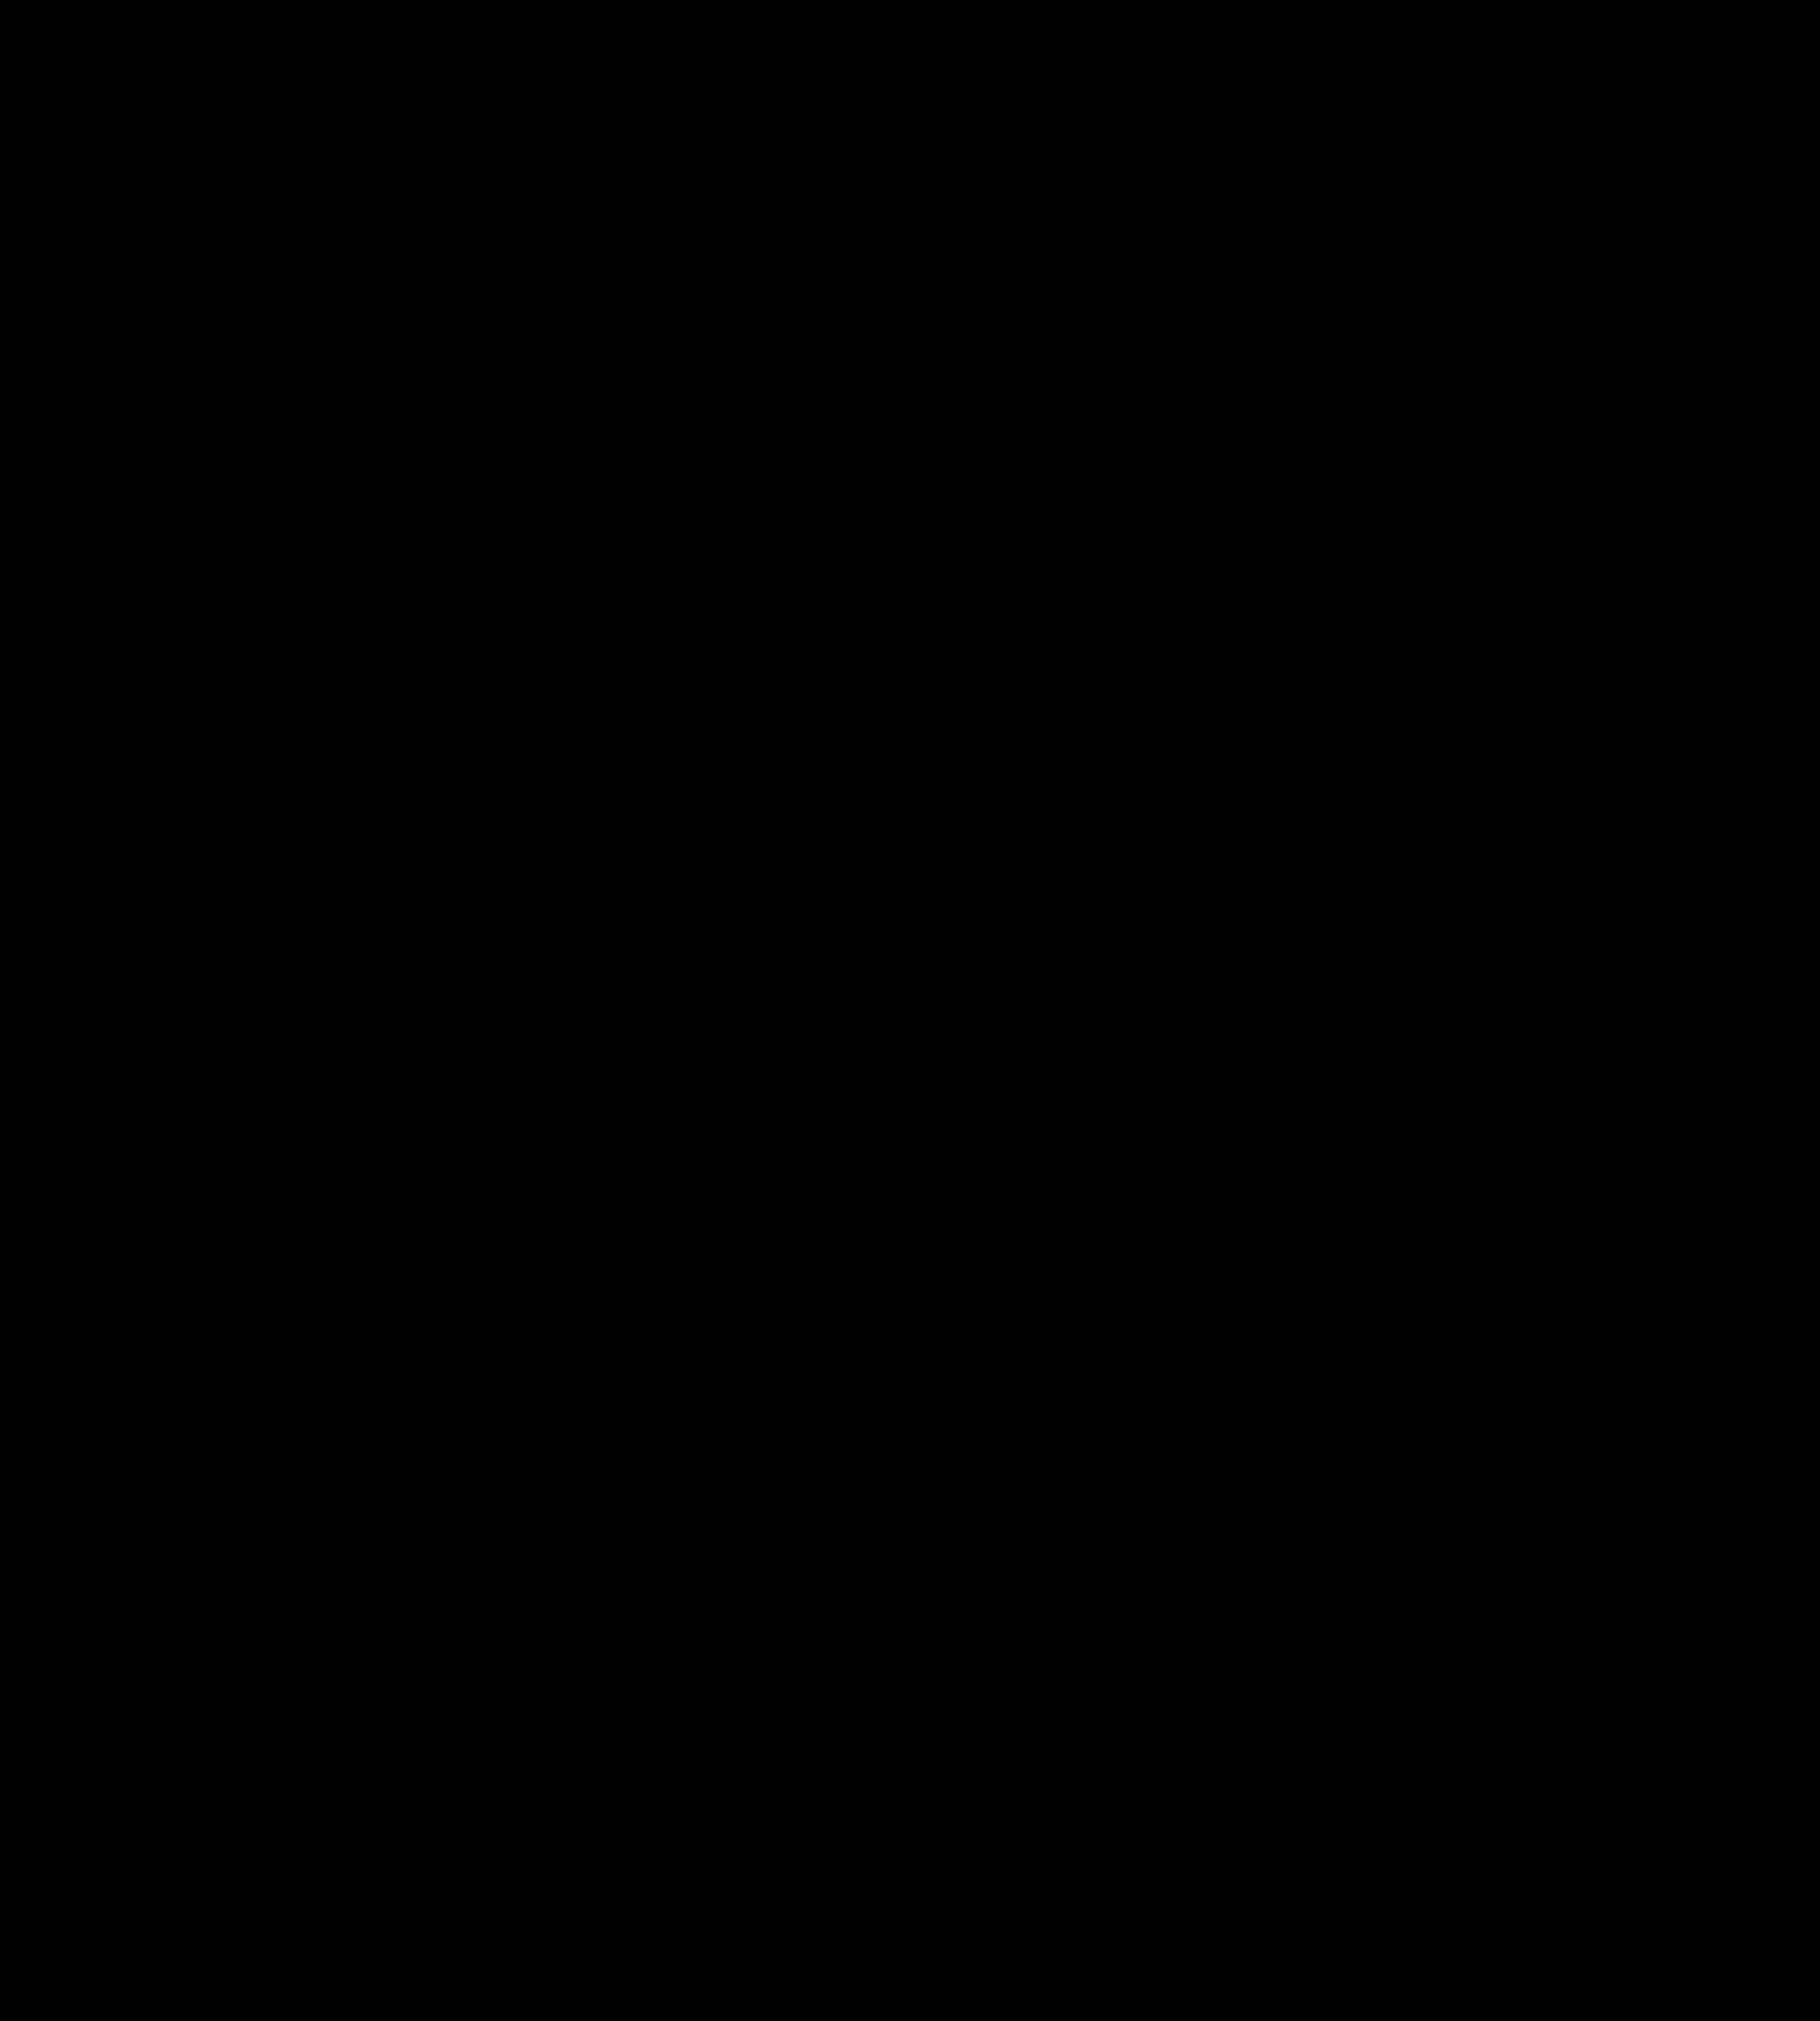 T Shirt Shirt Outline Clip Art Clipart C-T shirt shirt outline clip art clipart clipart-16